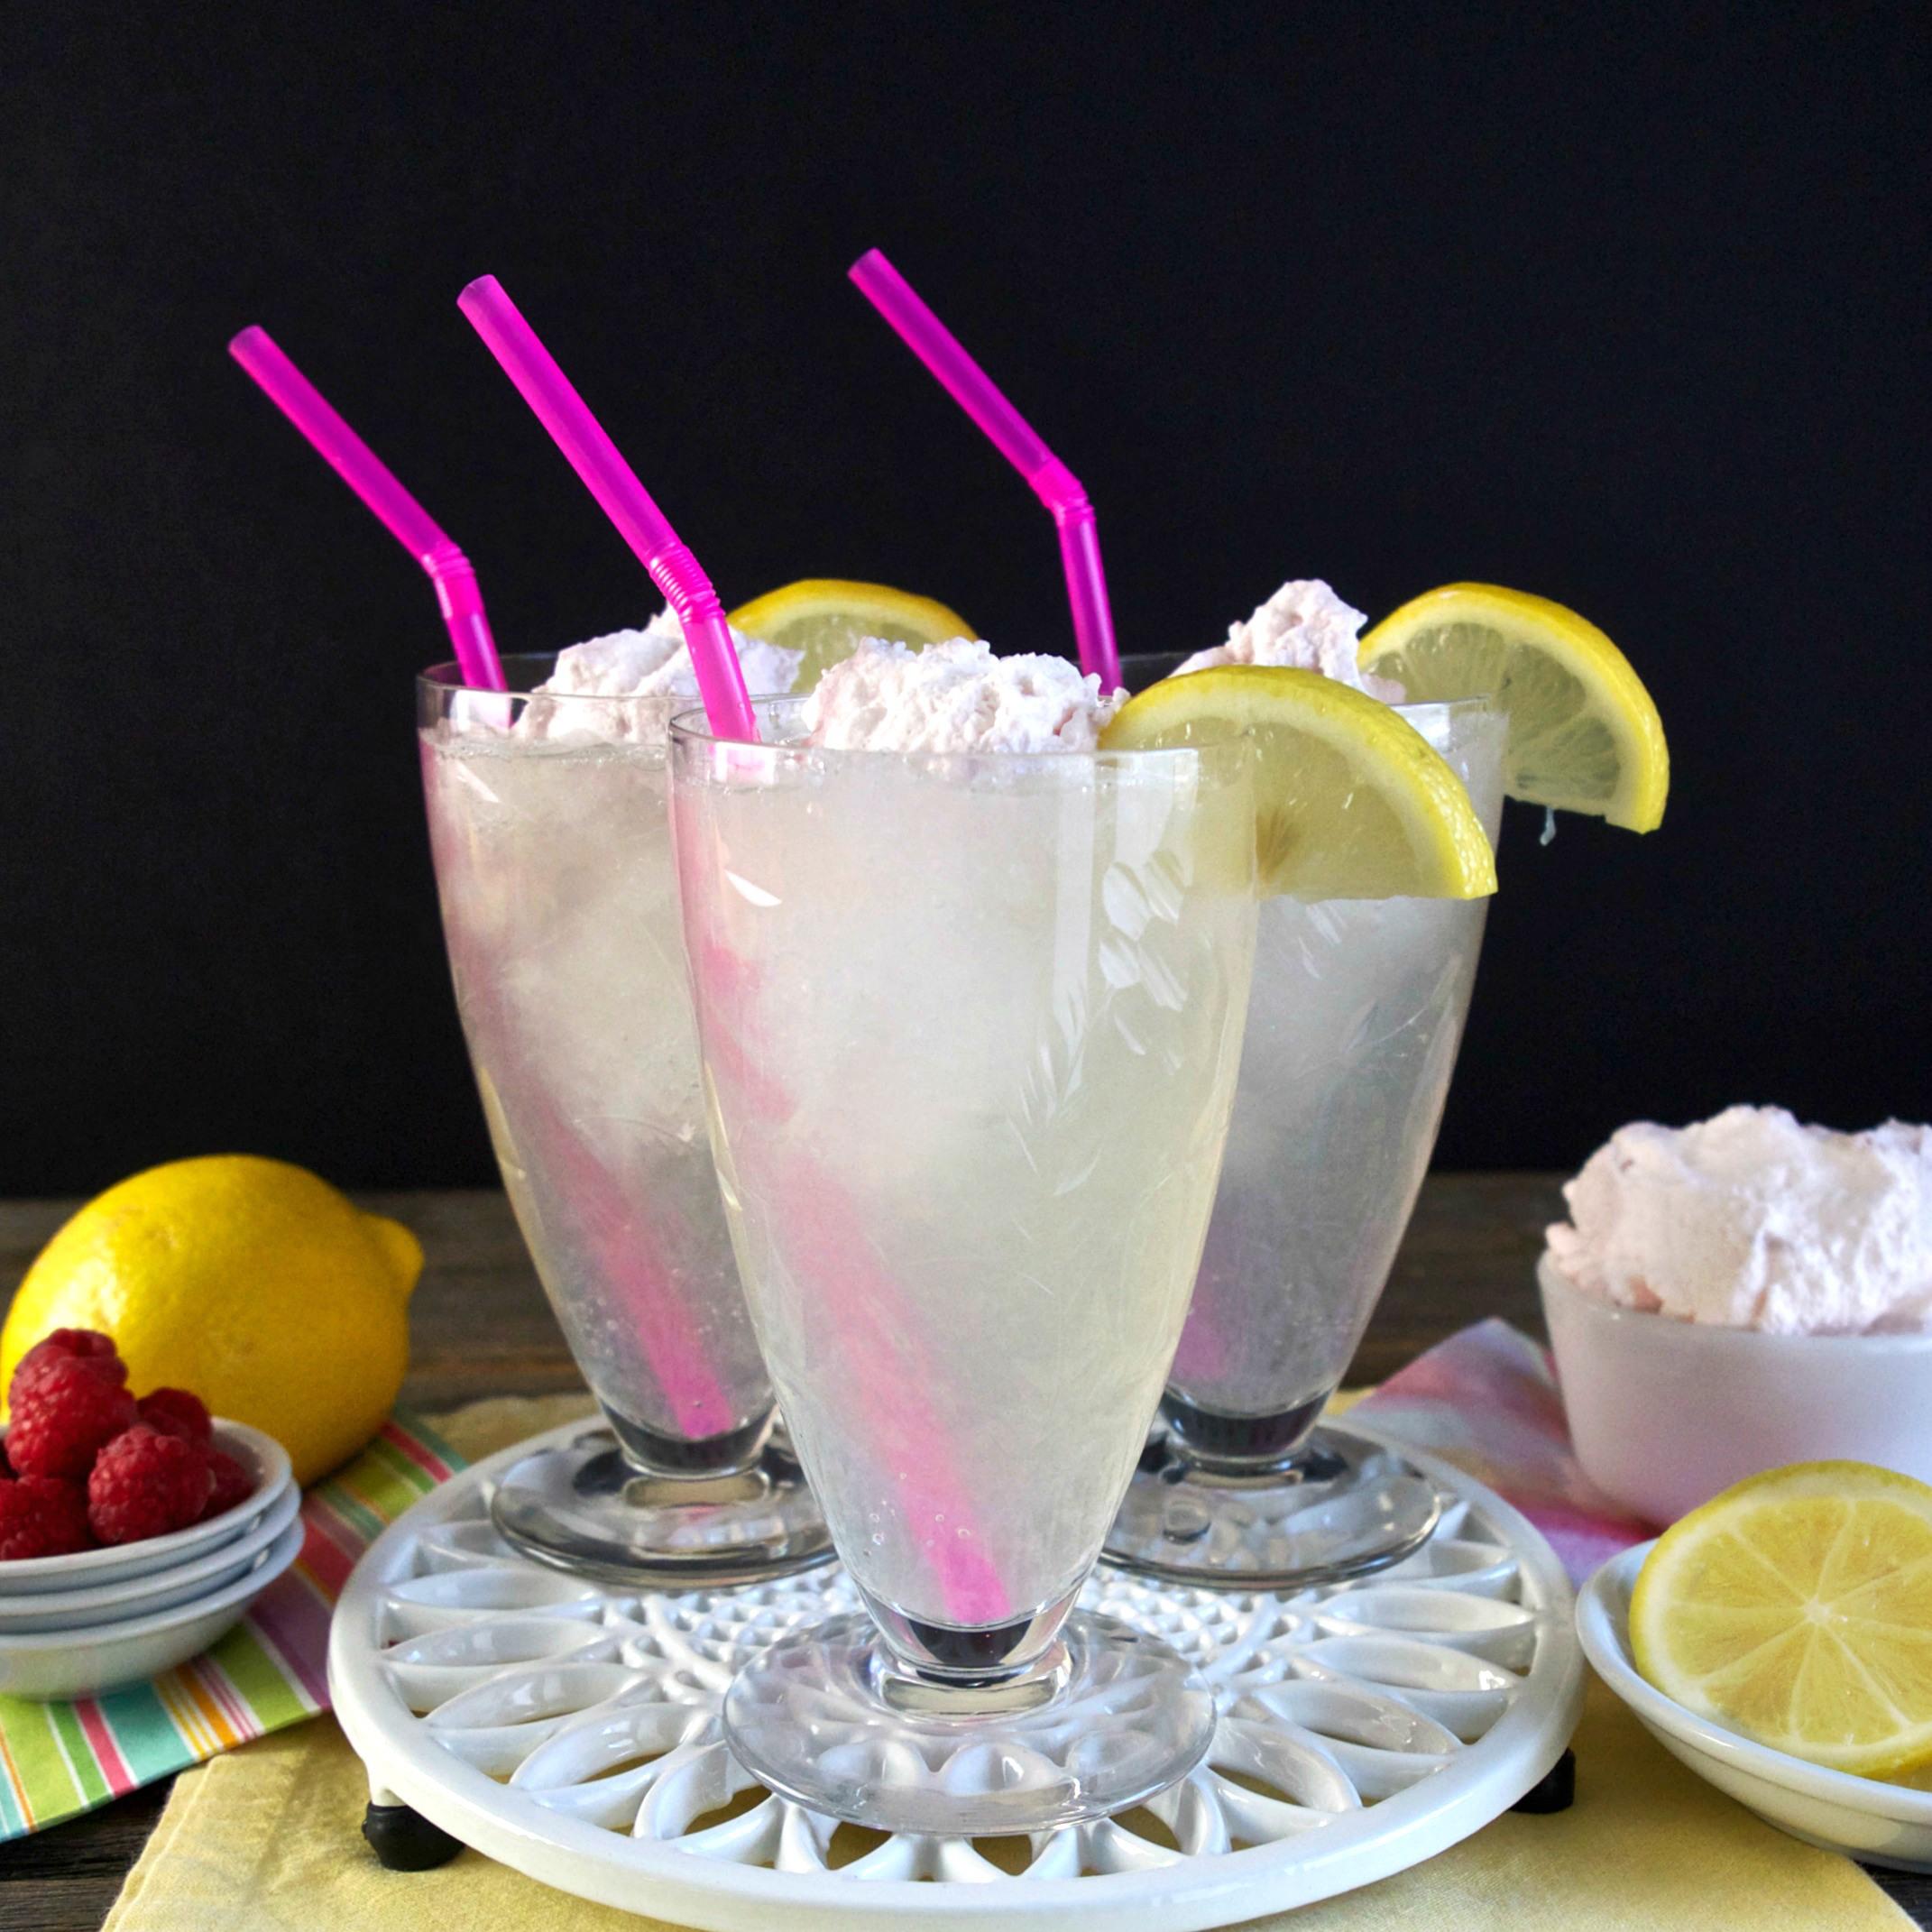 lemonade with raspberry cream